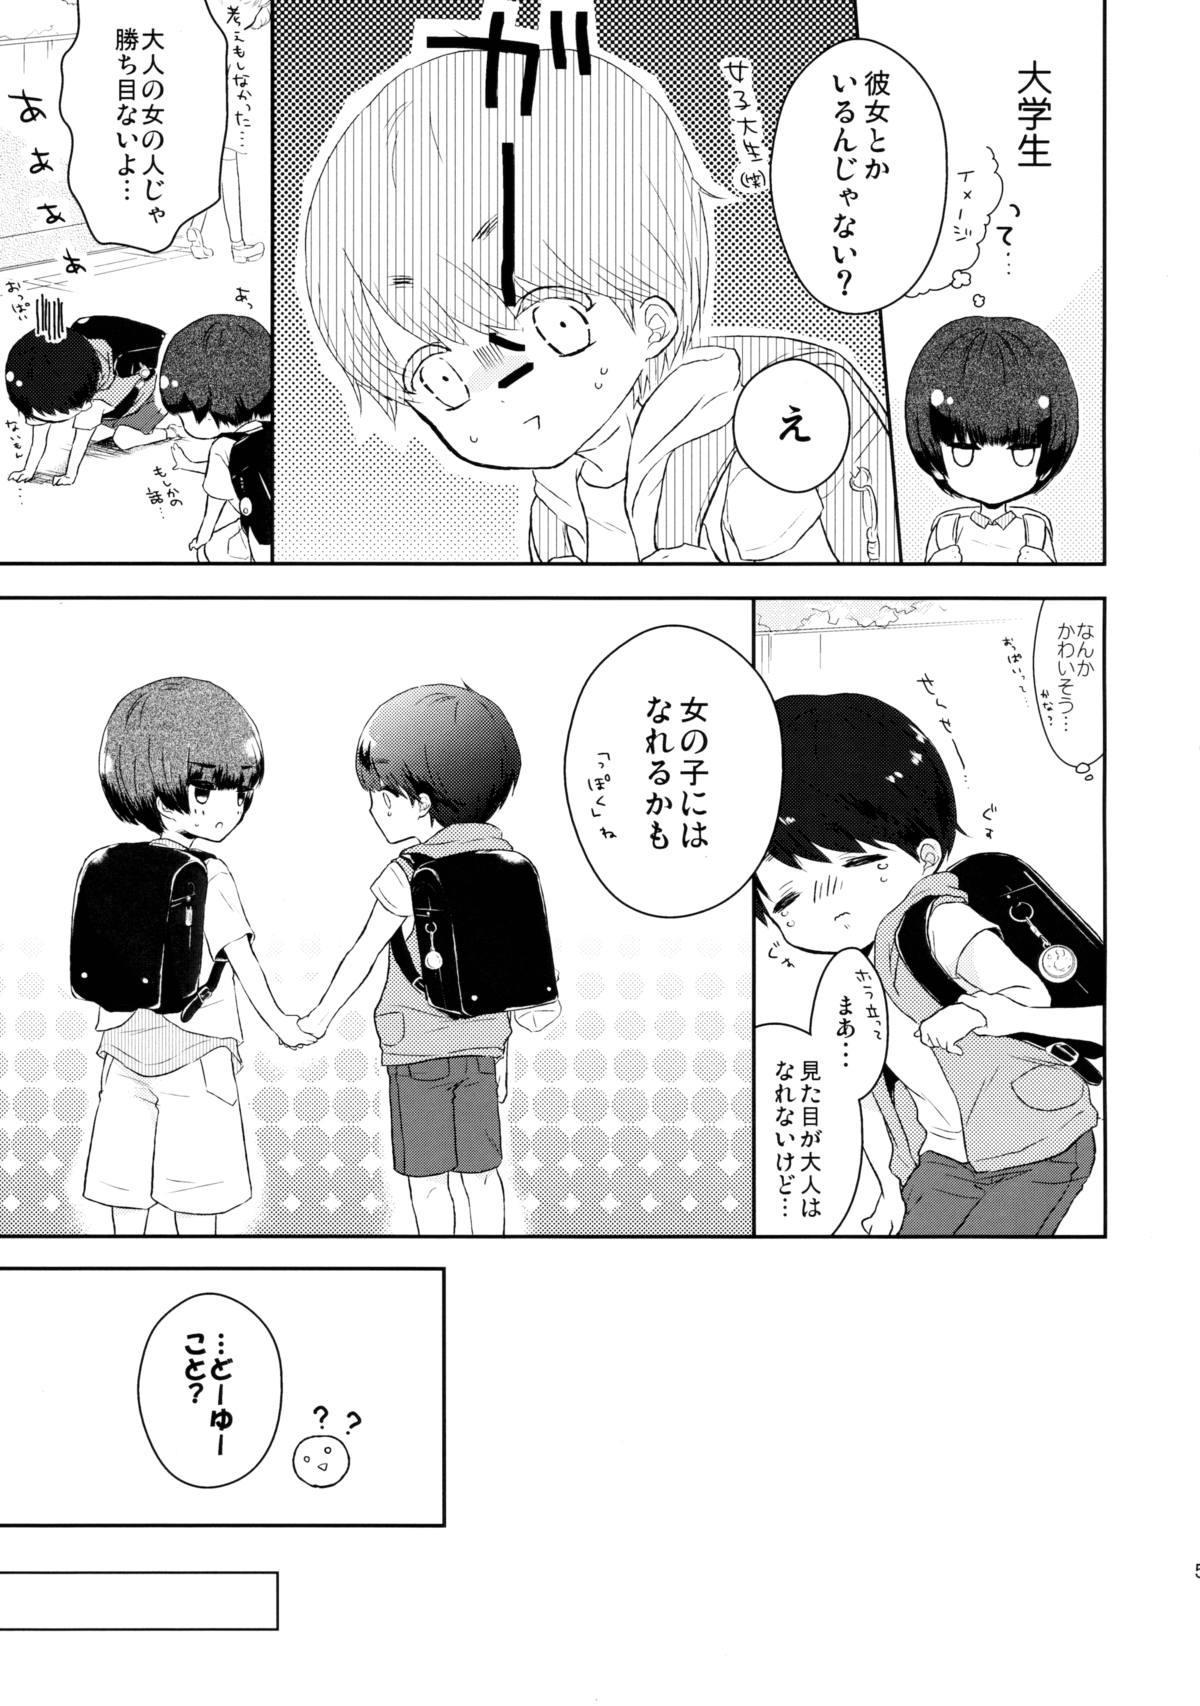 Yasashii Sensei no Kouryaku Houhou 5